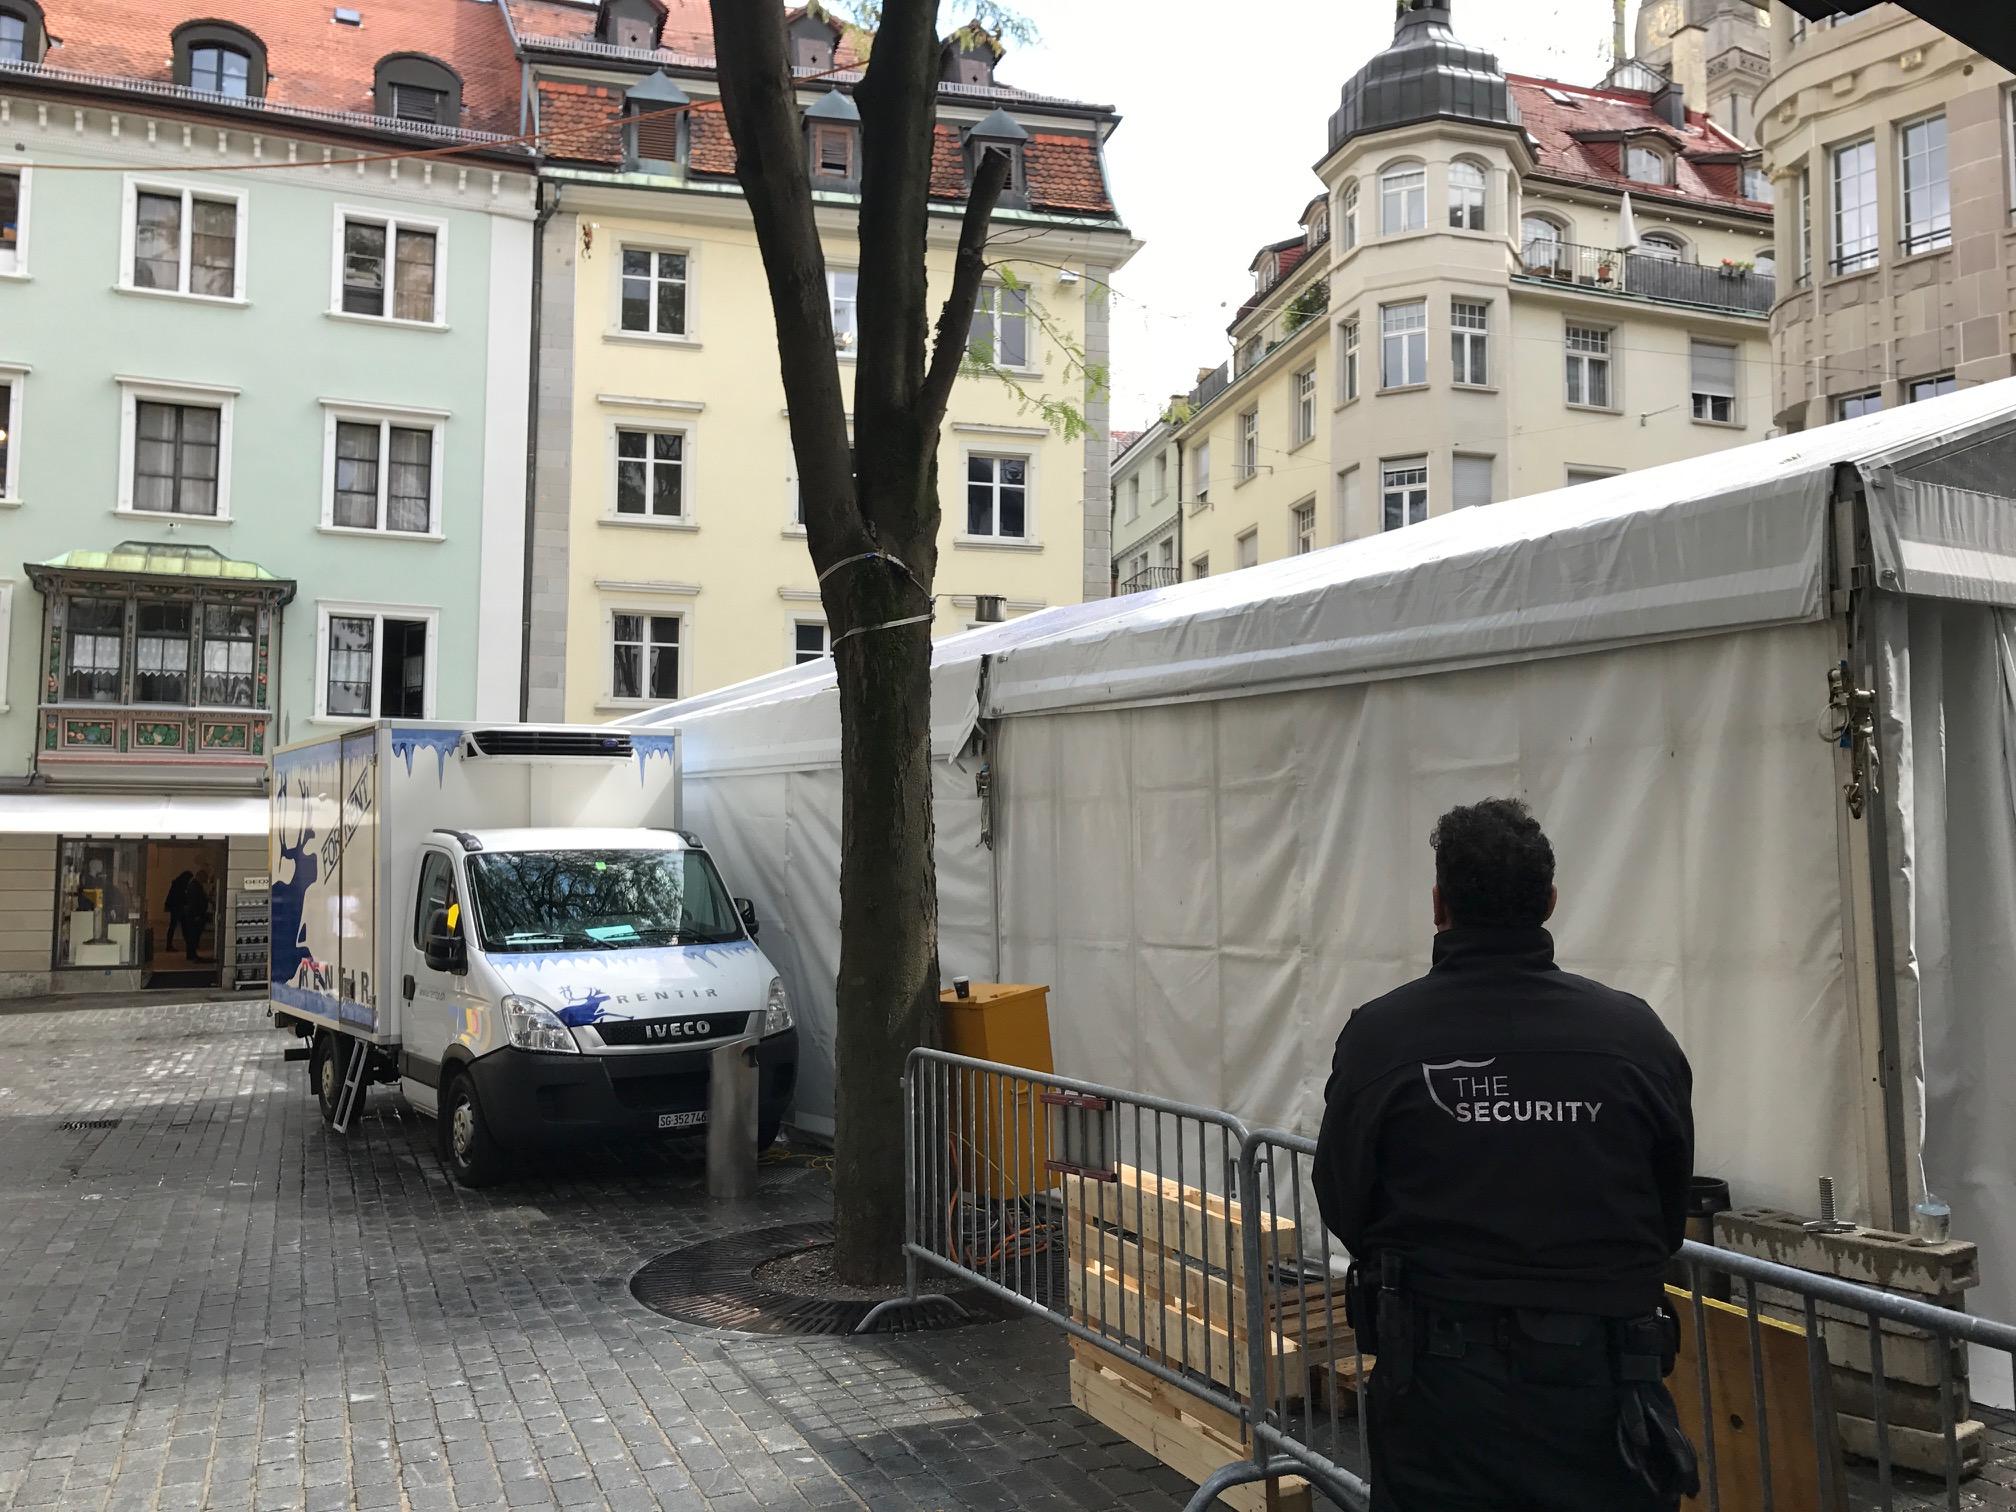 Stadtfest St. Gallen Objektbewachung Bärenplatz